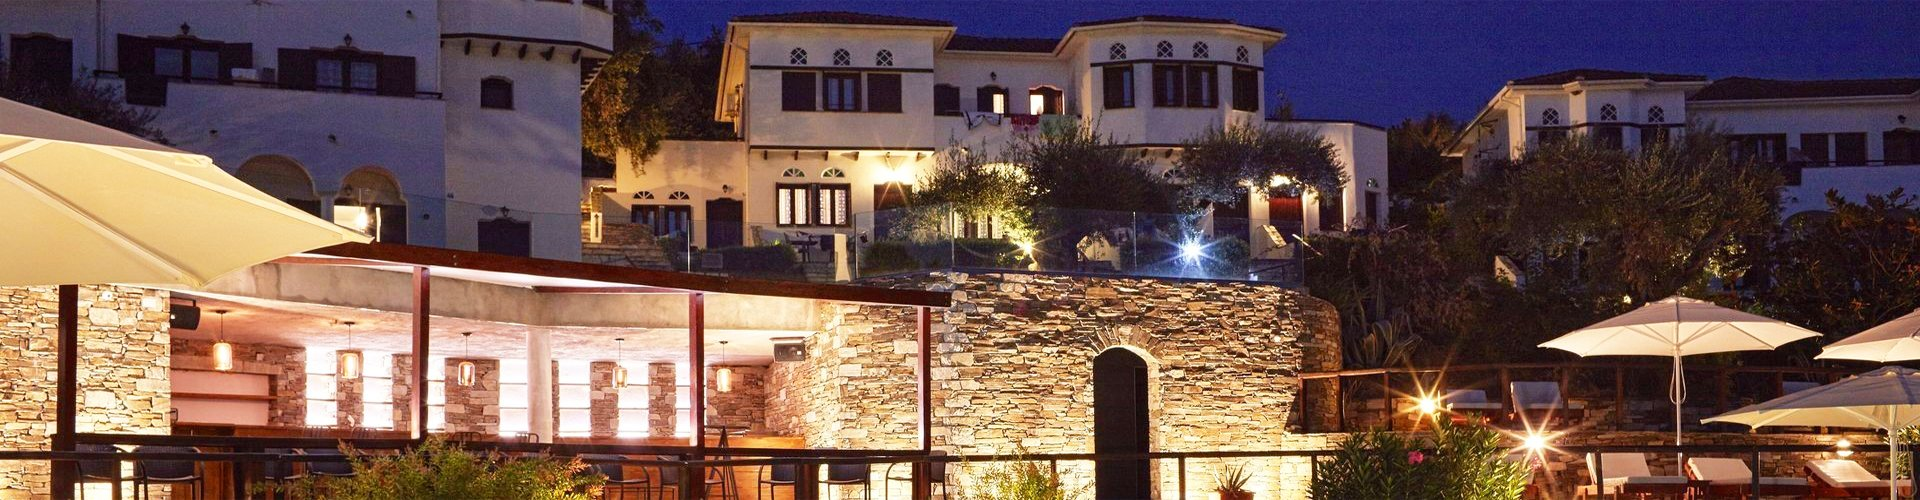 Leda Village Hotel - Najbolje cene hotela u Grčkoj . AquaTravel.rs